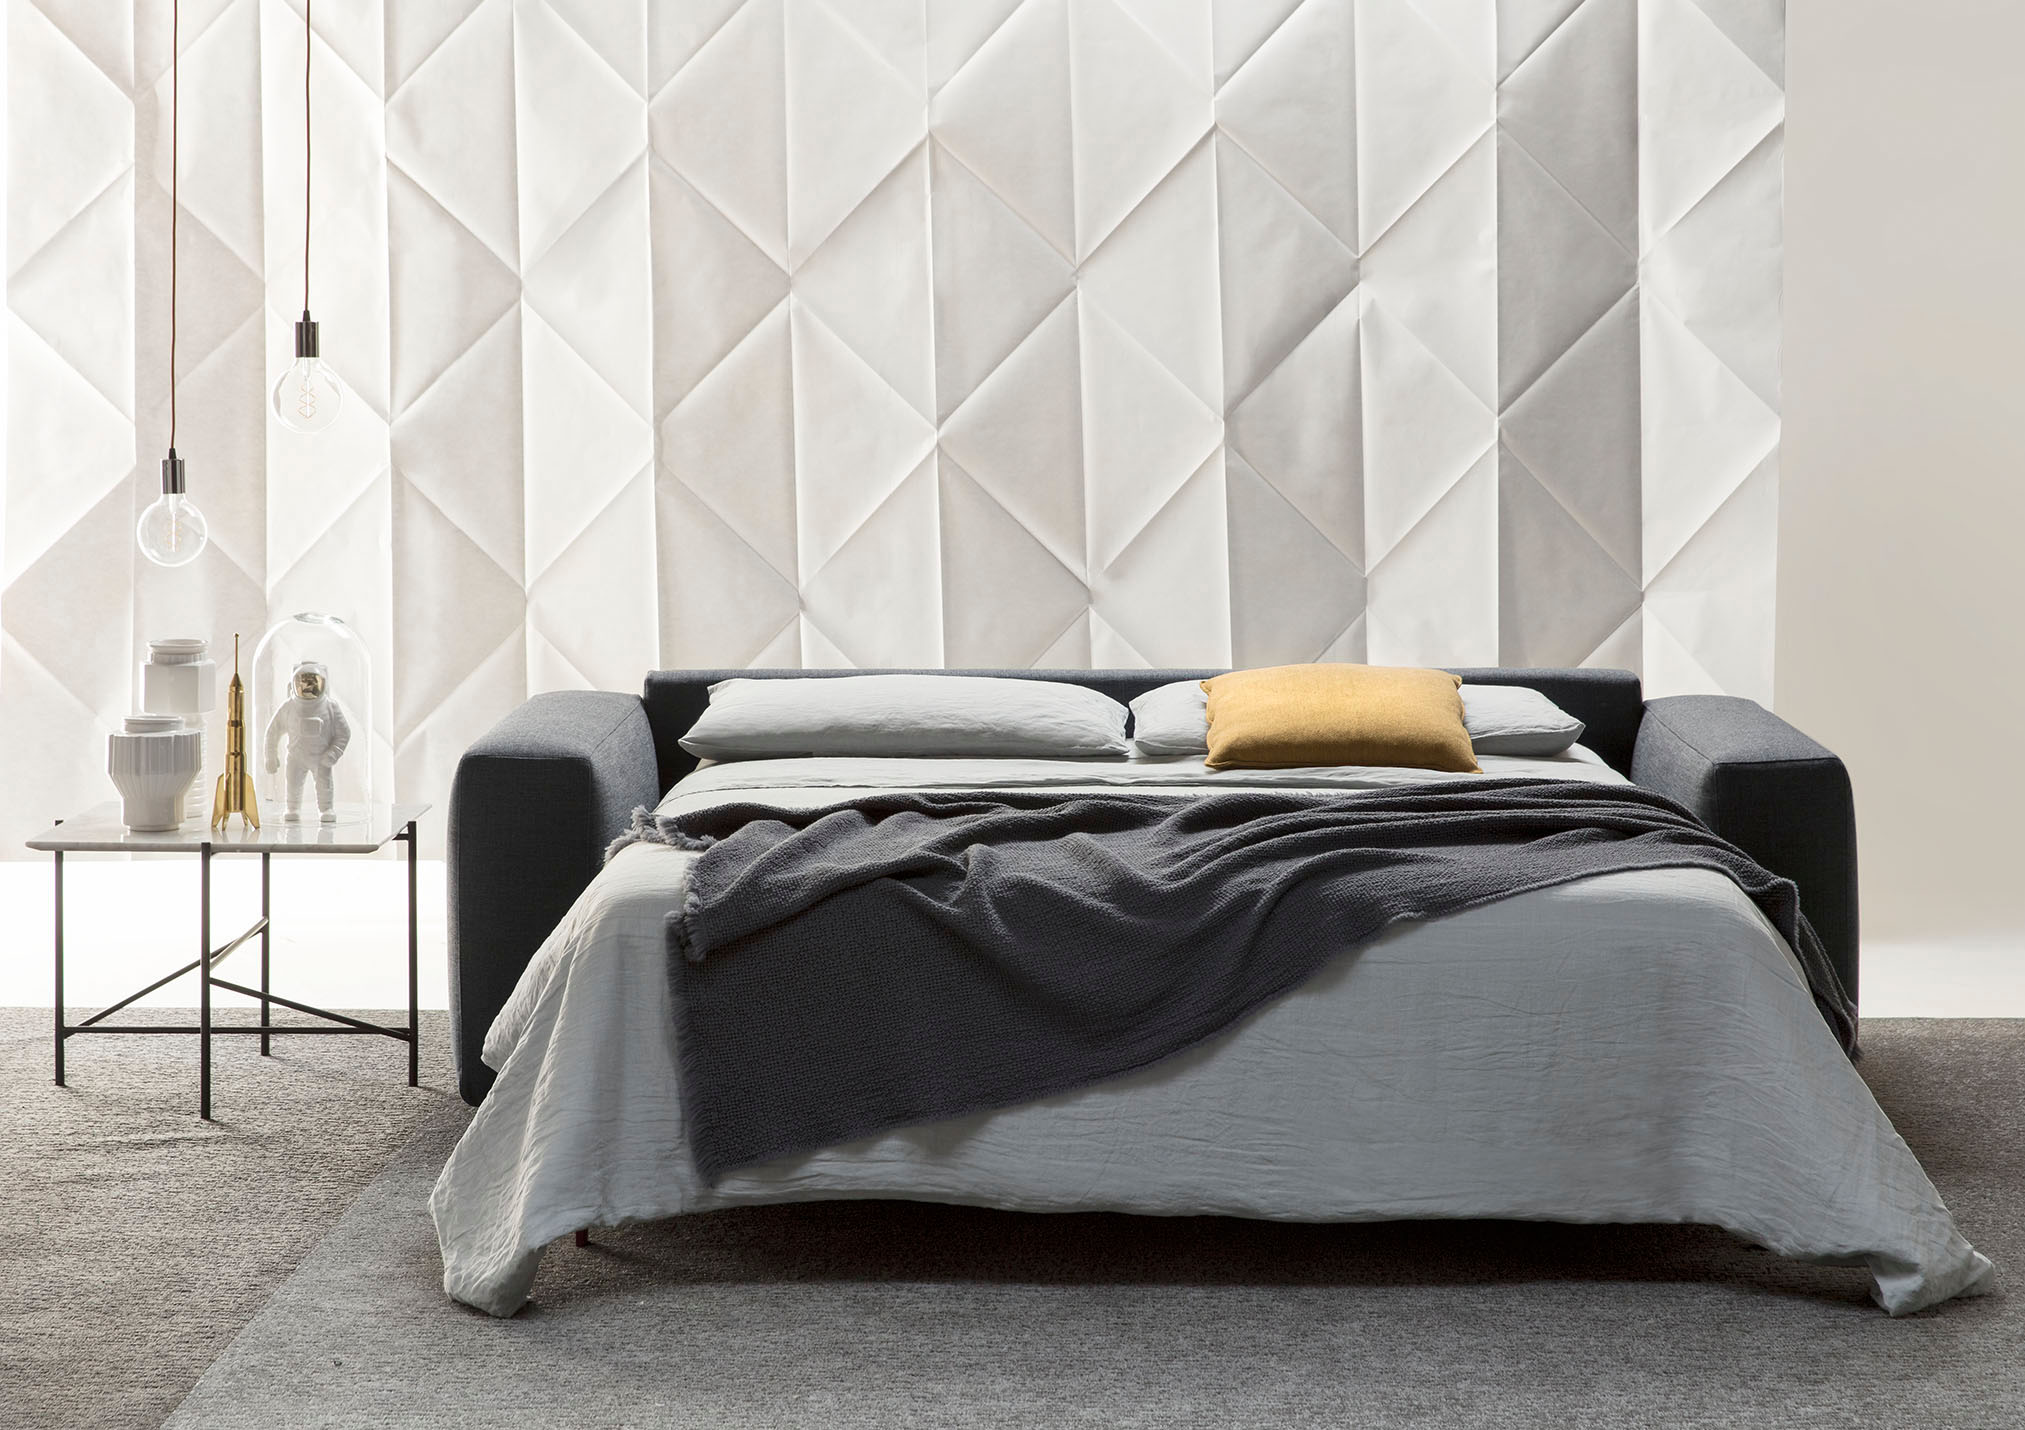 Gu a para la elecci n del colch n para el sof cama for Colchon para sofa cama